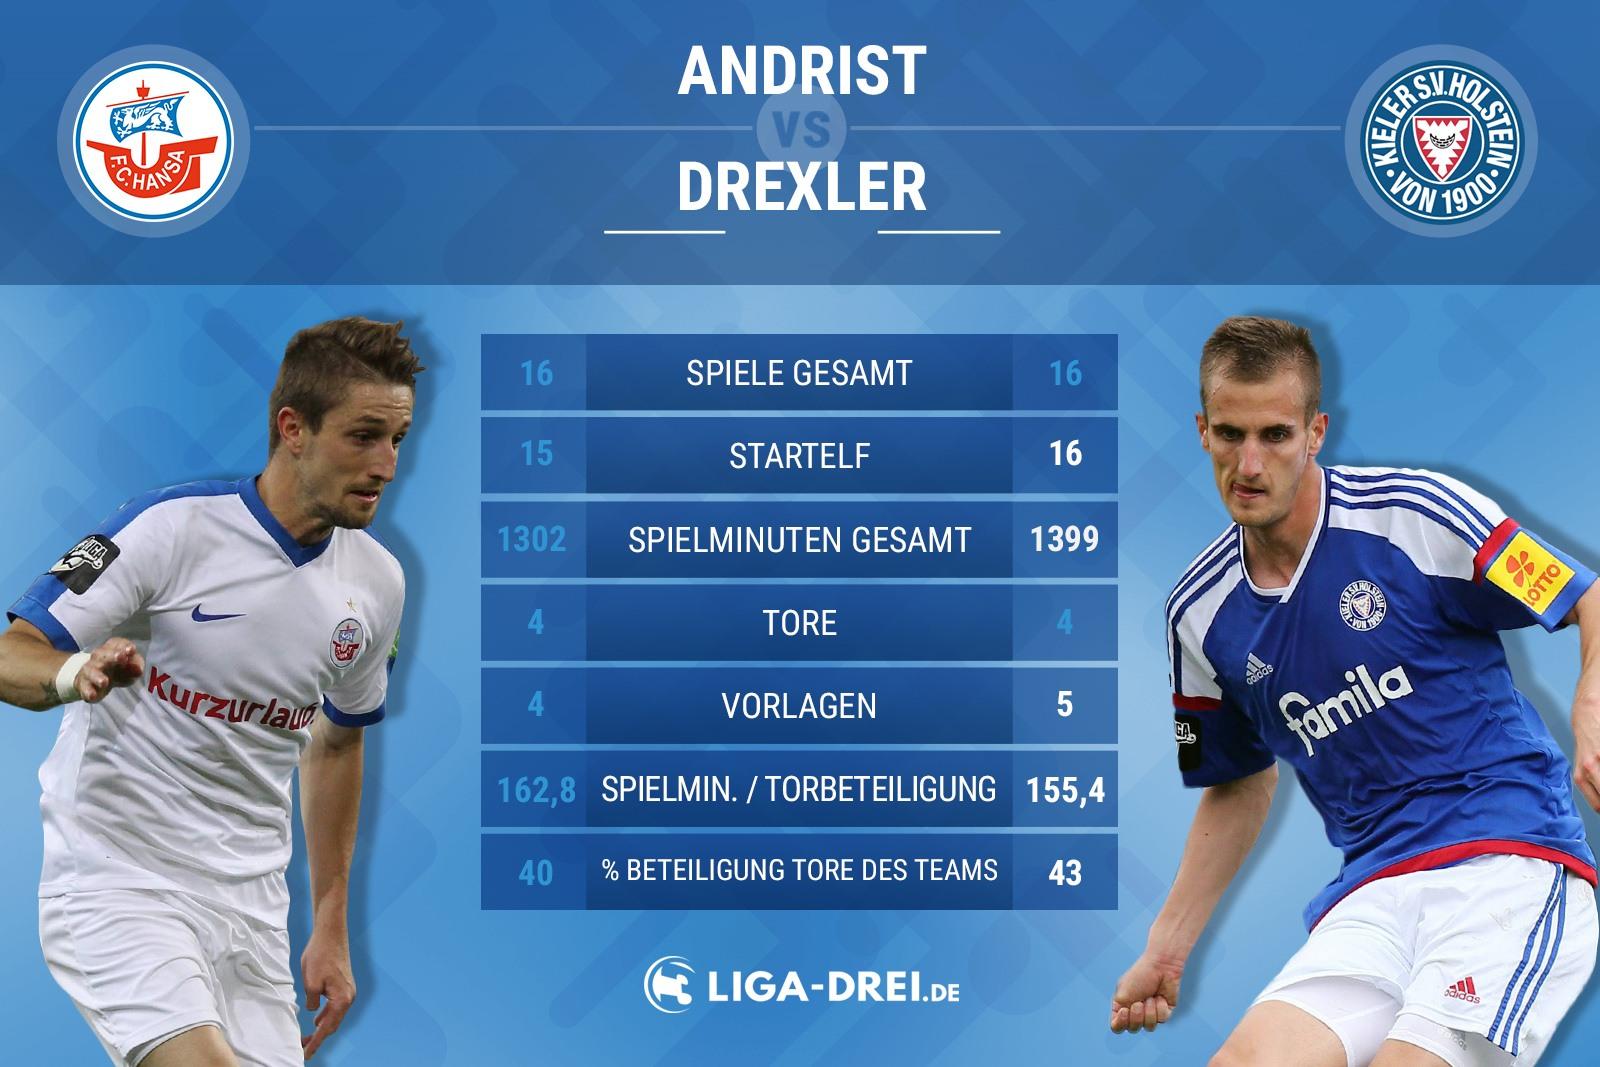 Spielervergleich zwischen Andrist und Drexler